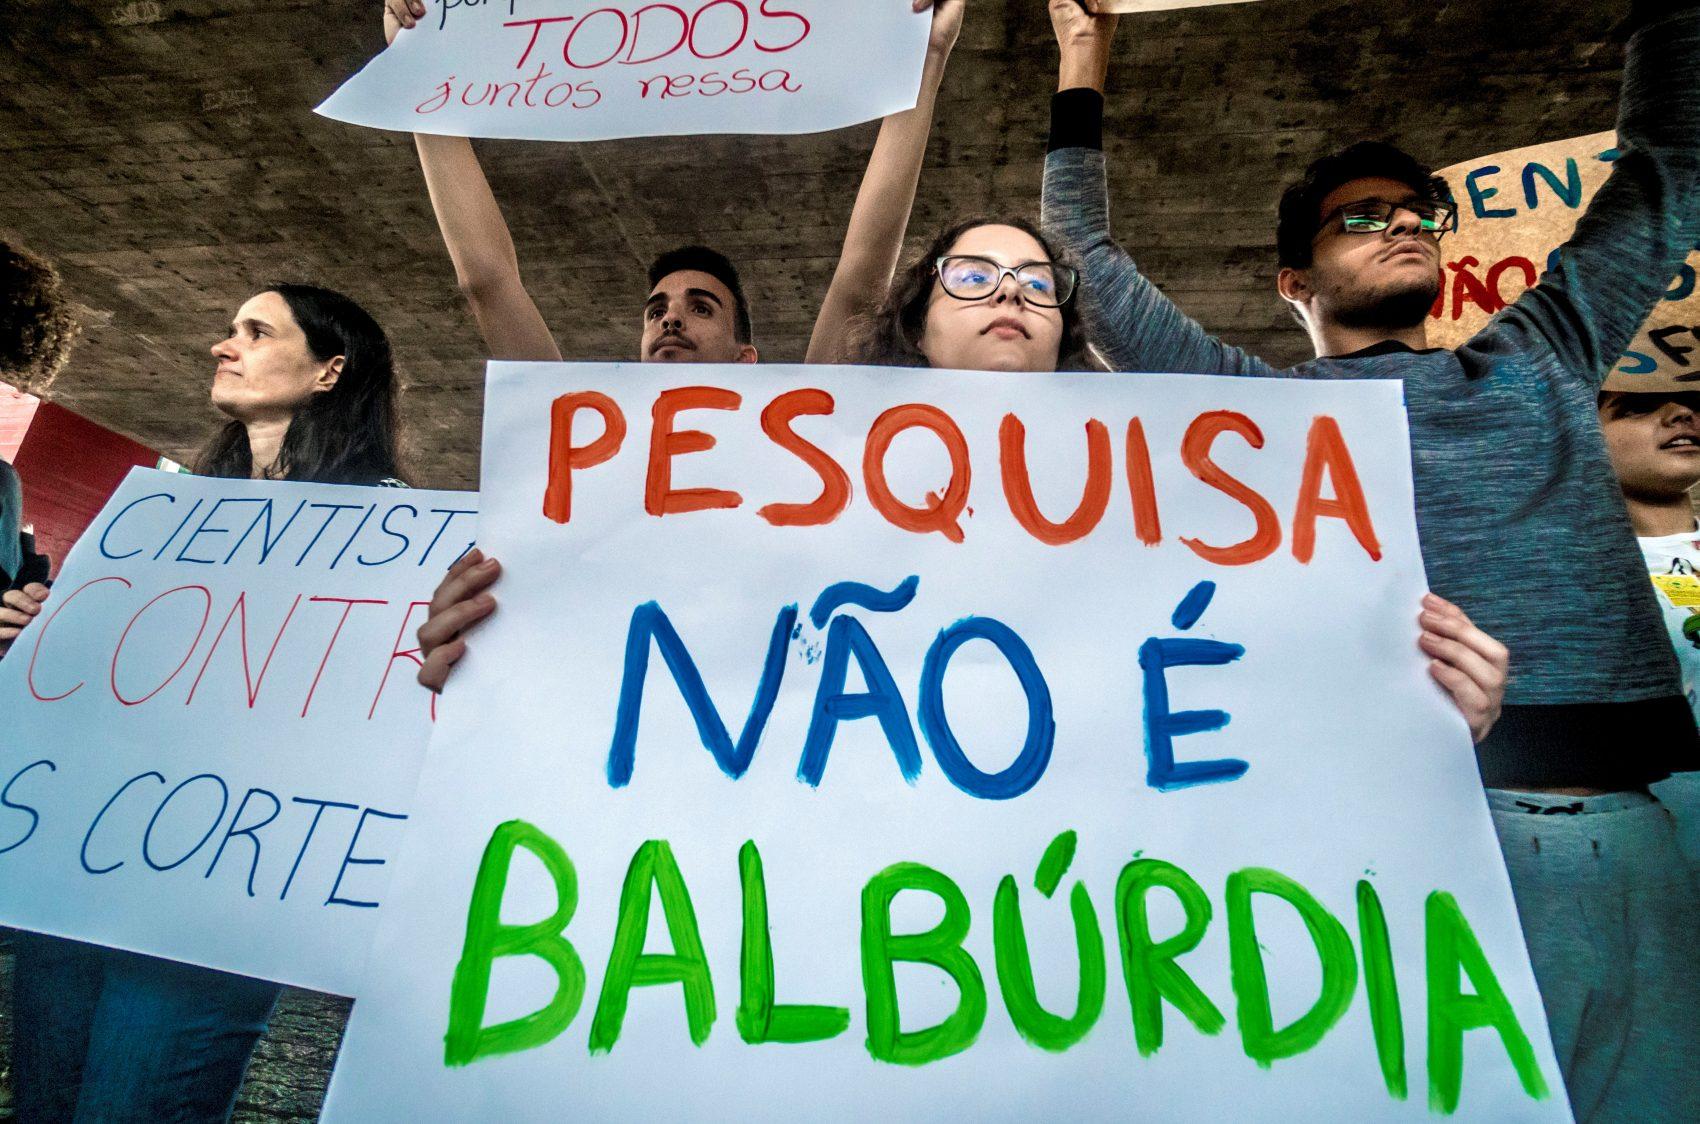 Protesto de estudantes universitários contra os cortes nas verbas da educação e as declarações do ministro Abraham Weintraub: pesquisa não é balbúrdia (Foto: Cris Faga/NurPhoto)